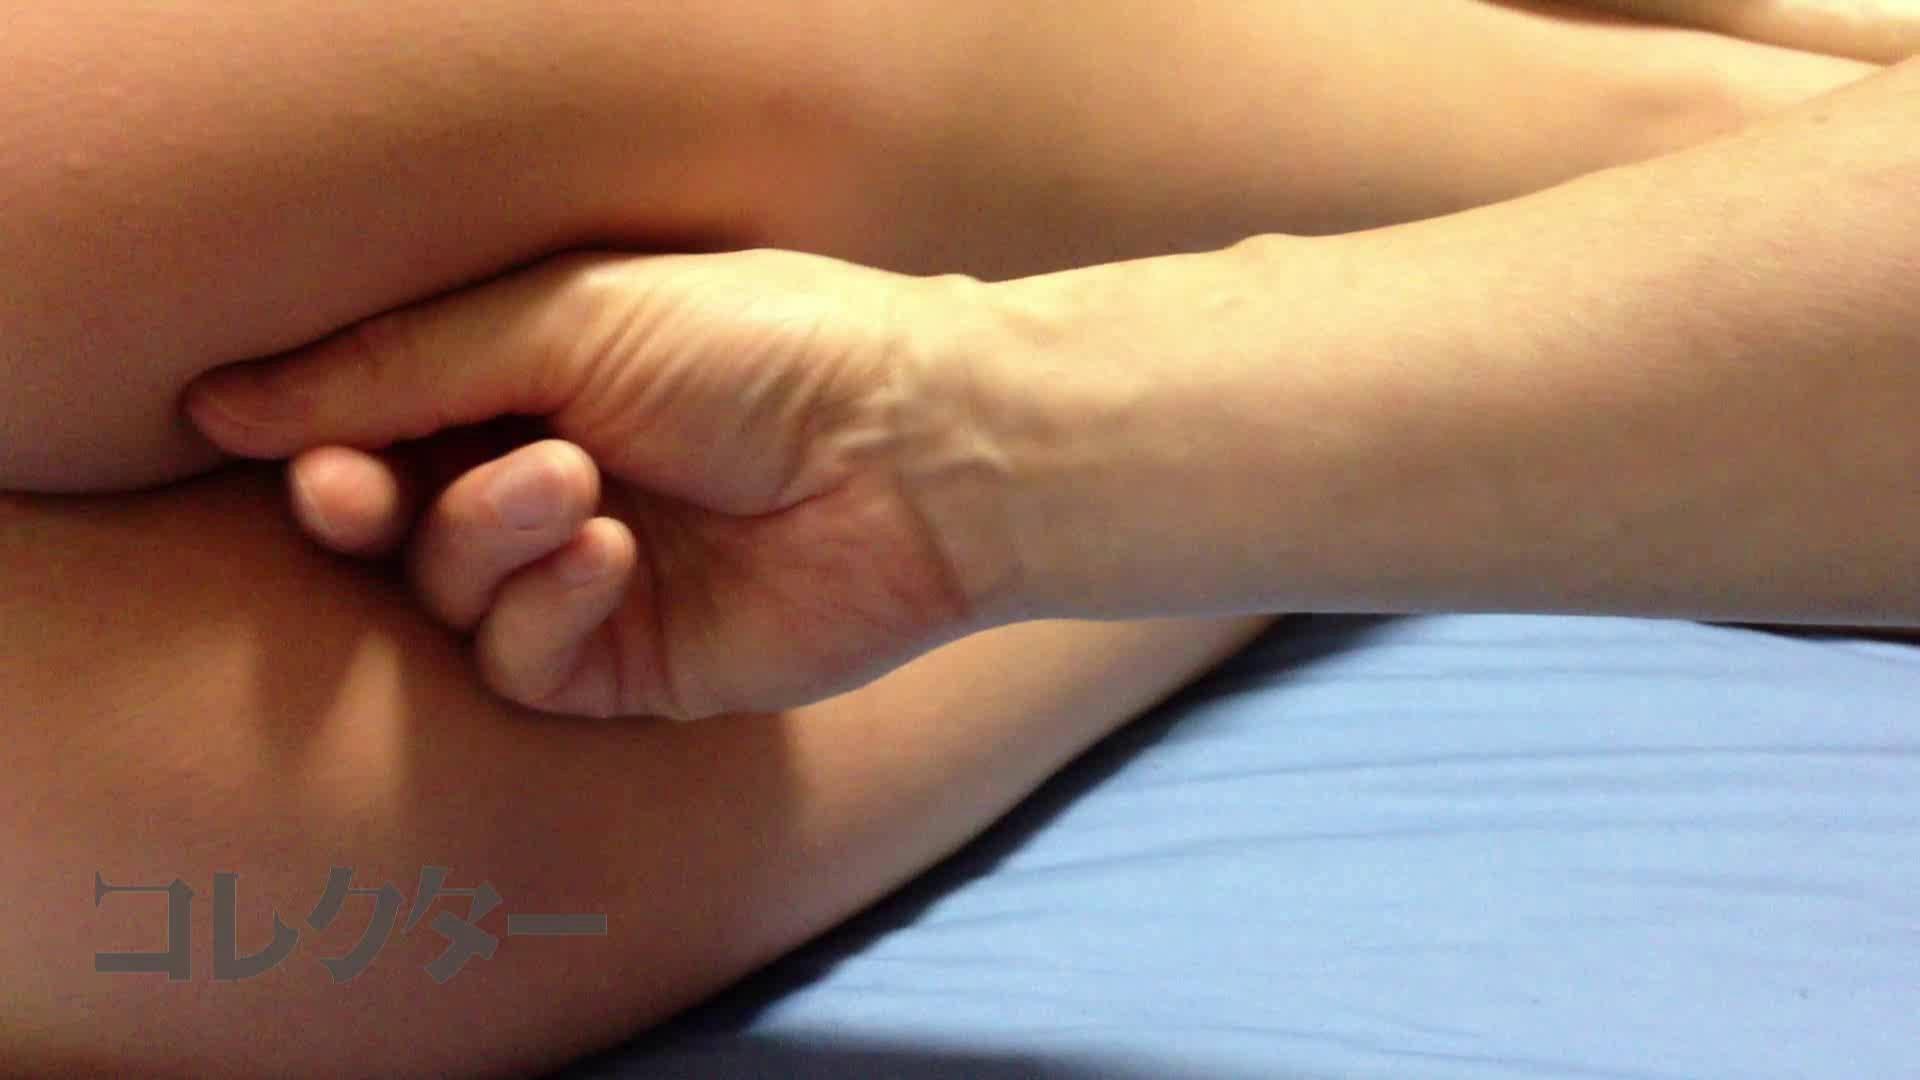 泥酔スレンダー美乳美女 悪戯   美乳  109PIX 40